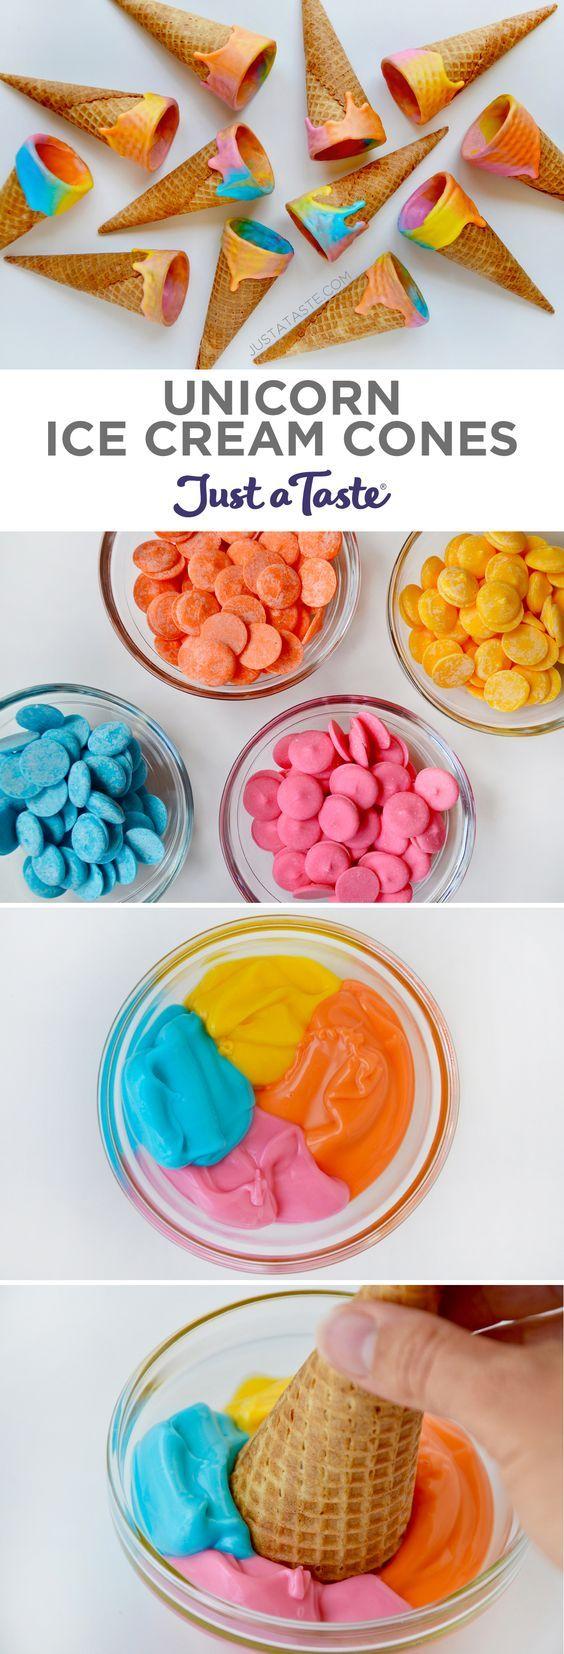 Unicorn Ice Cream Cones recipe from justataste.com #unicorn #recipe @justataste